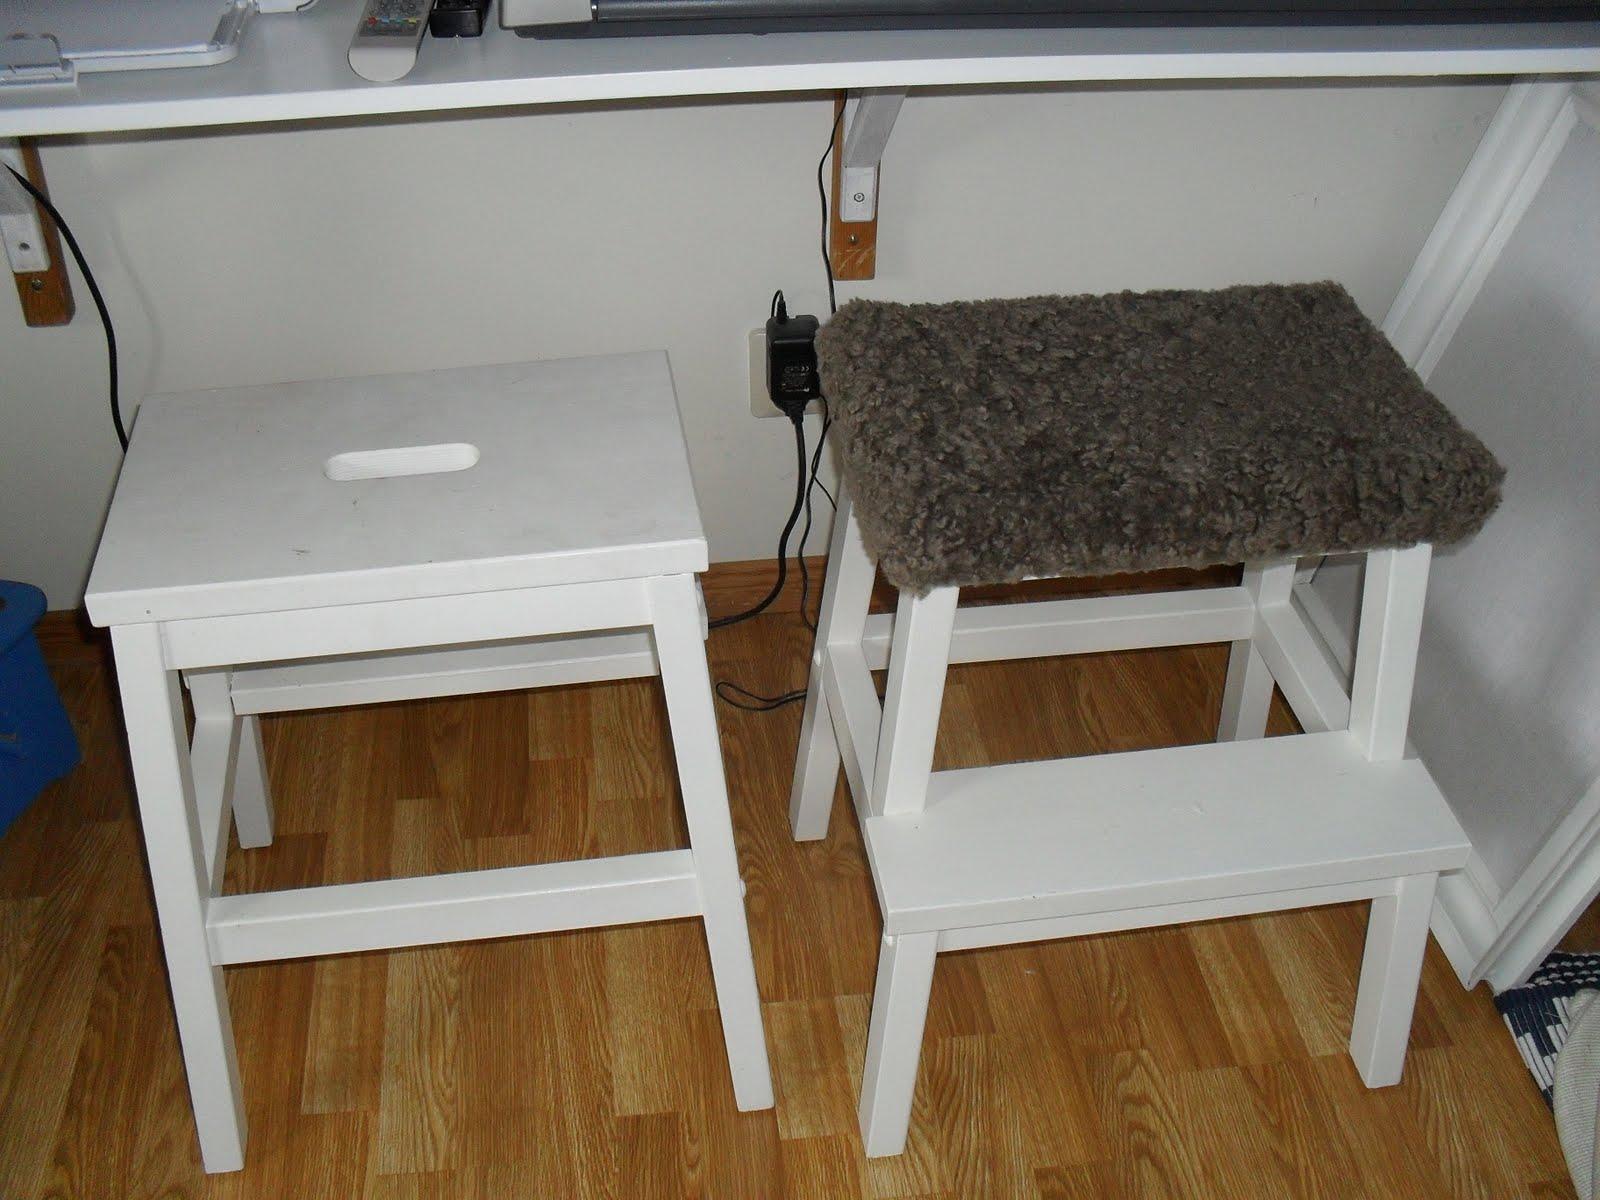 Gardin Till Koksfonster Ikea : Bakgorden Forskinn till IKEA pallar